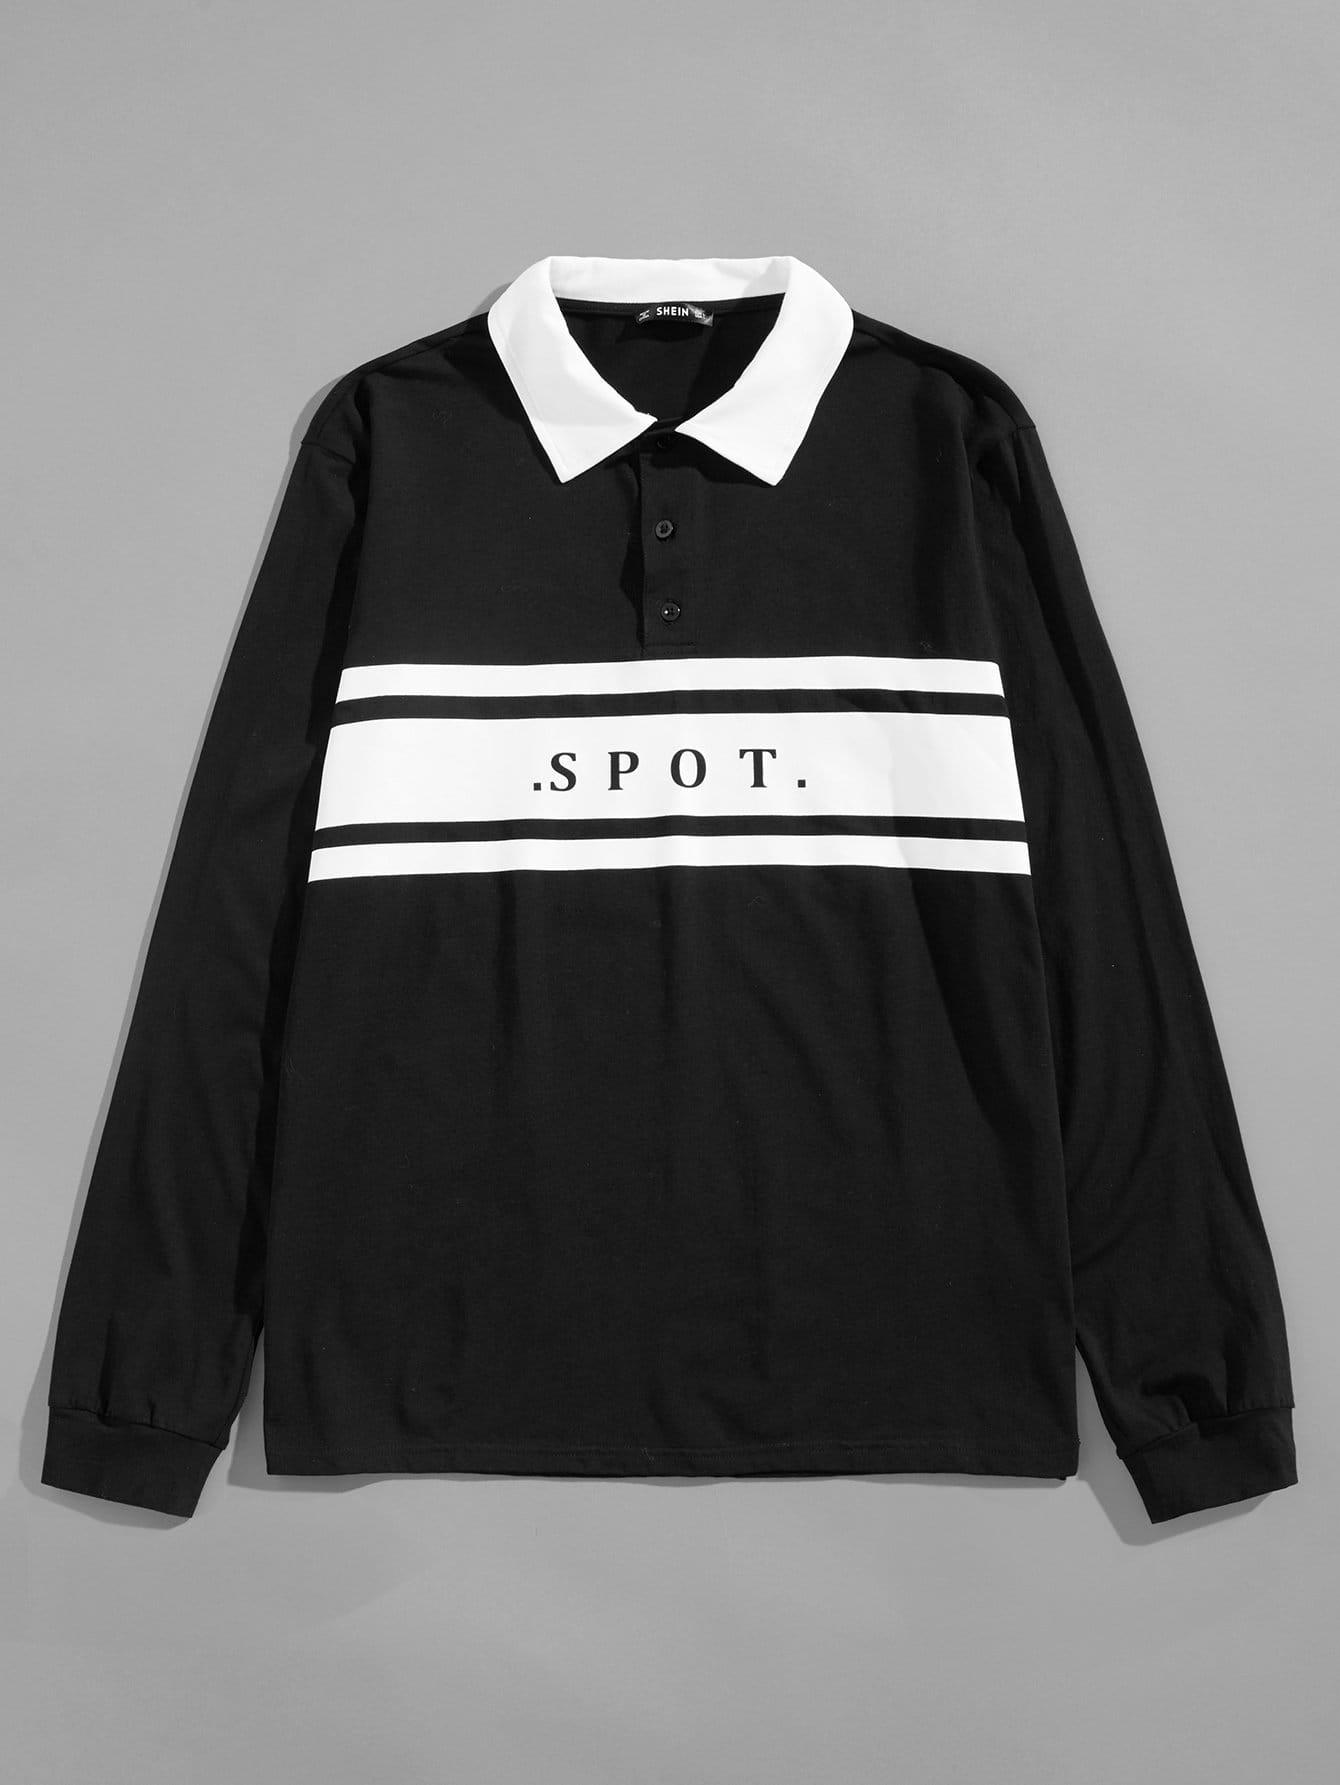 Купить Мужская поло рубашка с контрастным вырезом, null, SheIn